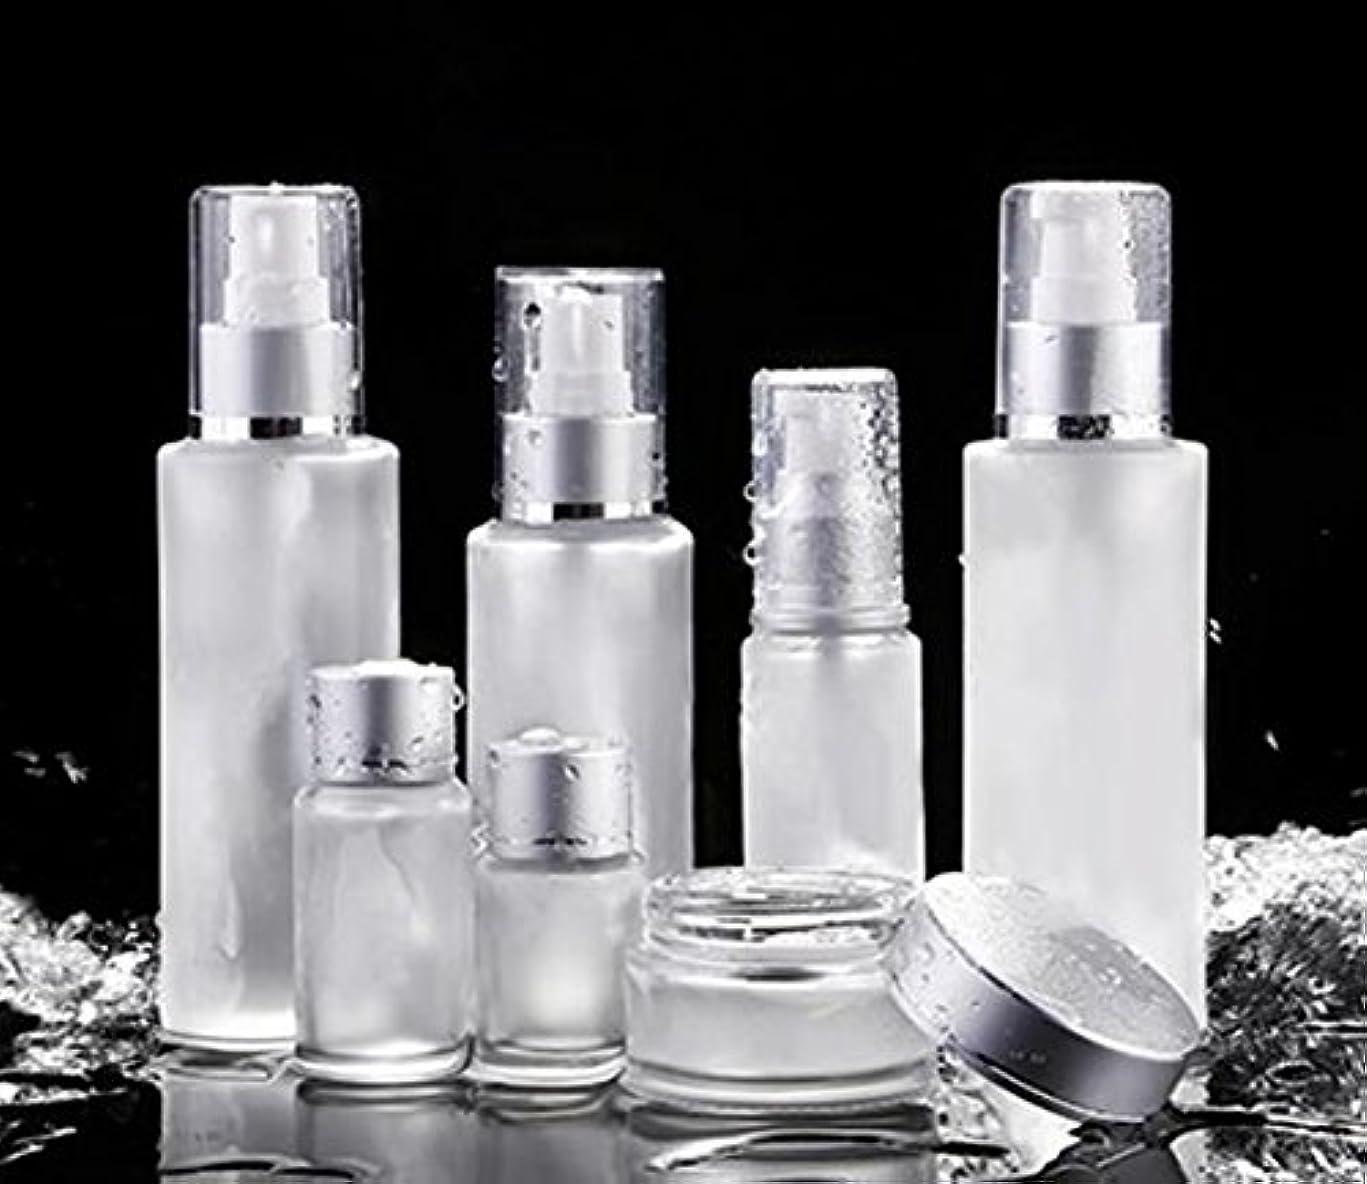 受け継ぐ空の七時半ShopXJ 化粧水 容器 スプレー 詰め替え 携帯 ボトル プッシュ ボトル 旅行 お出かけ 外泊に (20ml)